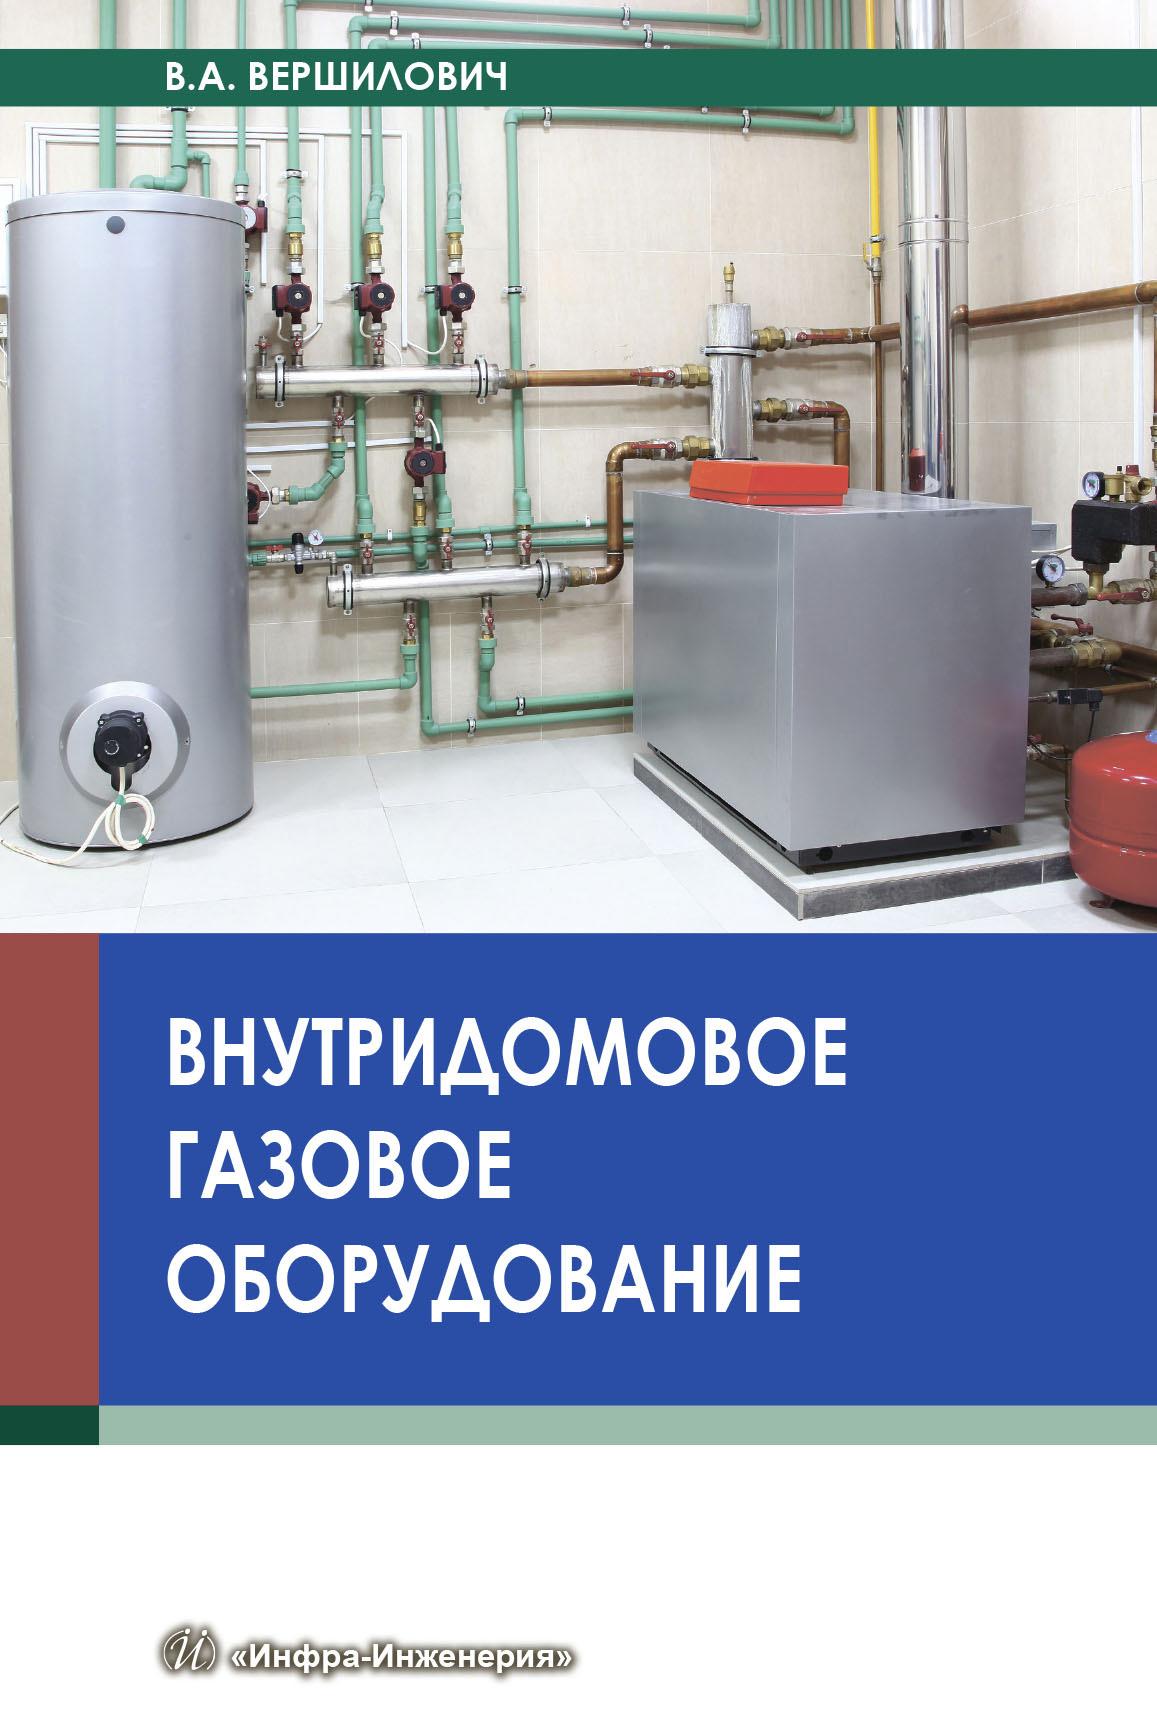 Внутридомовое газовое оборудование